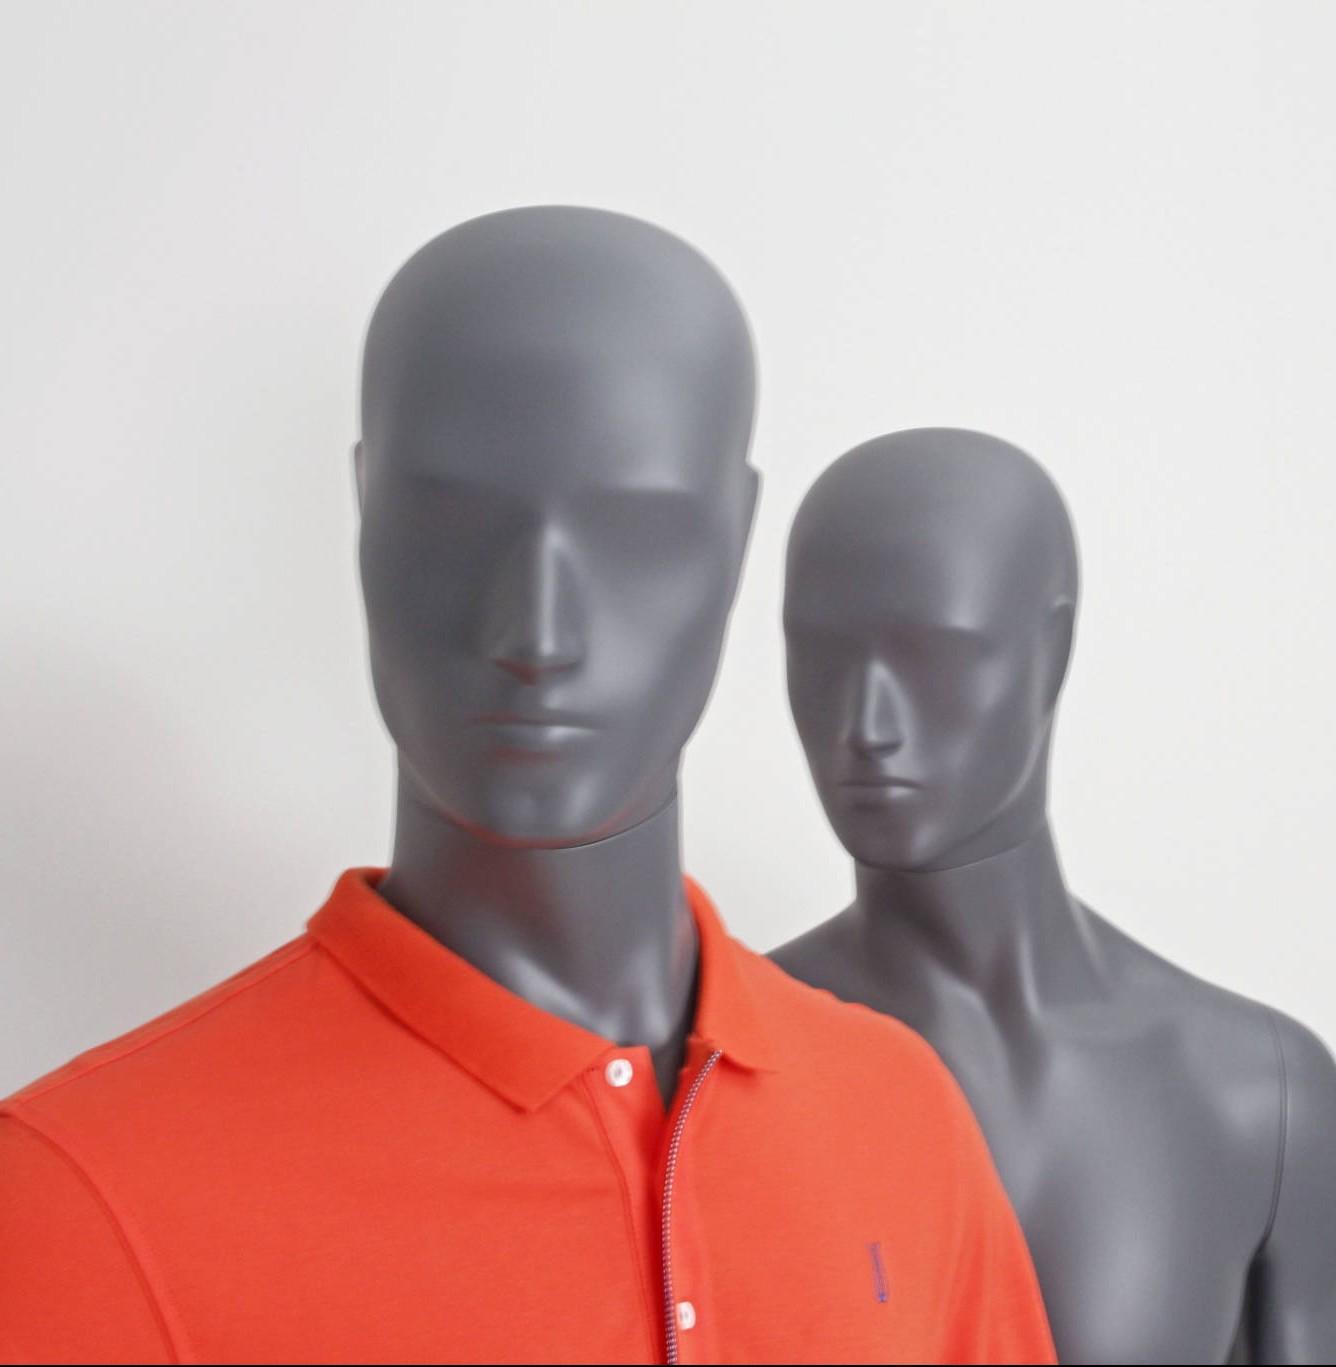 Mr. Grey mannequin kan leveres i alle farver og i 4 positioner direkte fra Skandinaviens største lager.